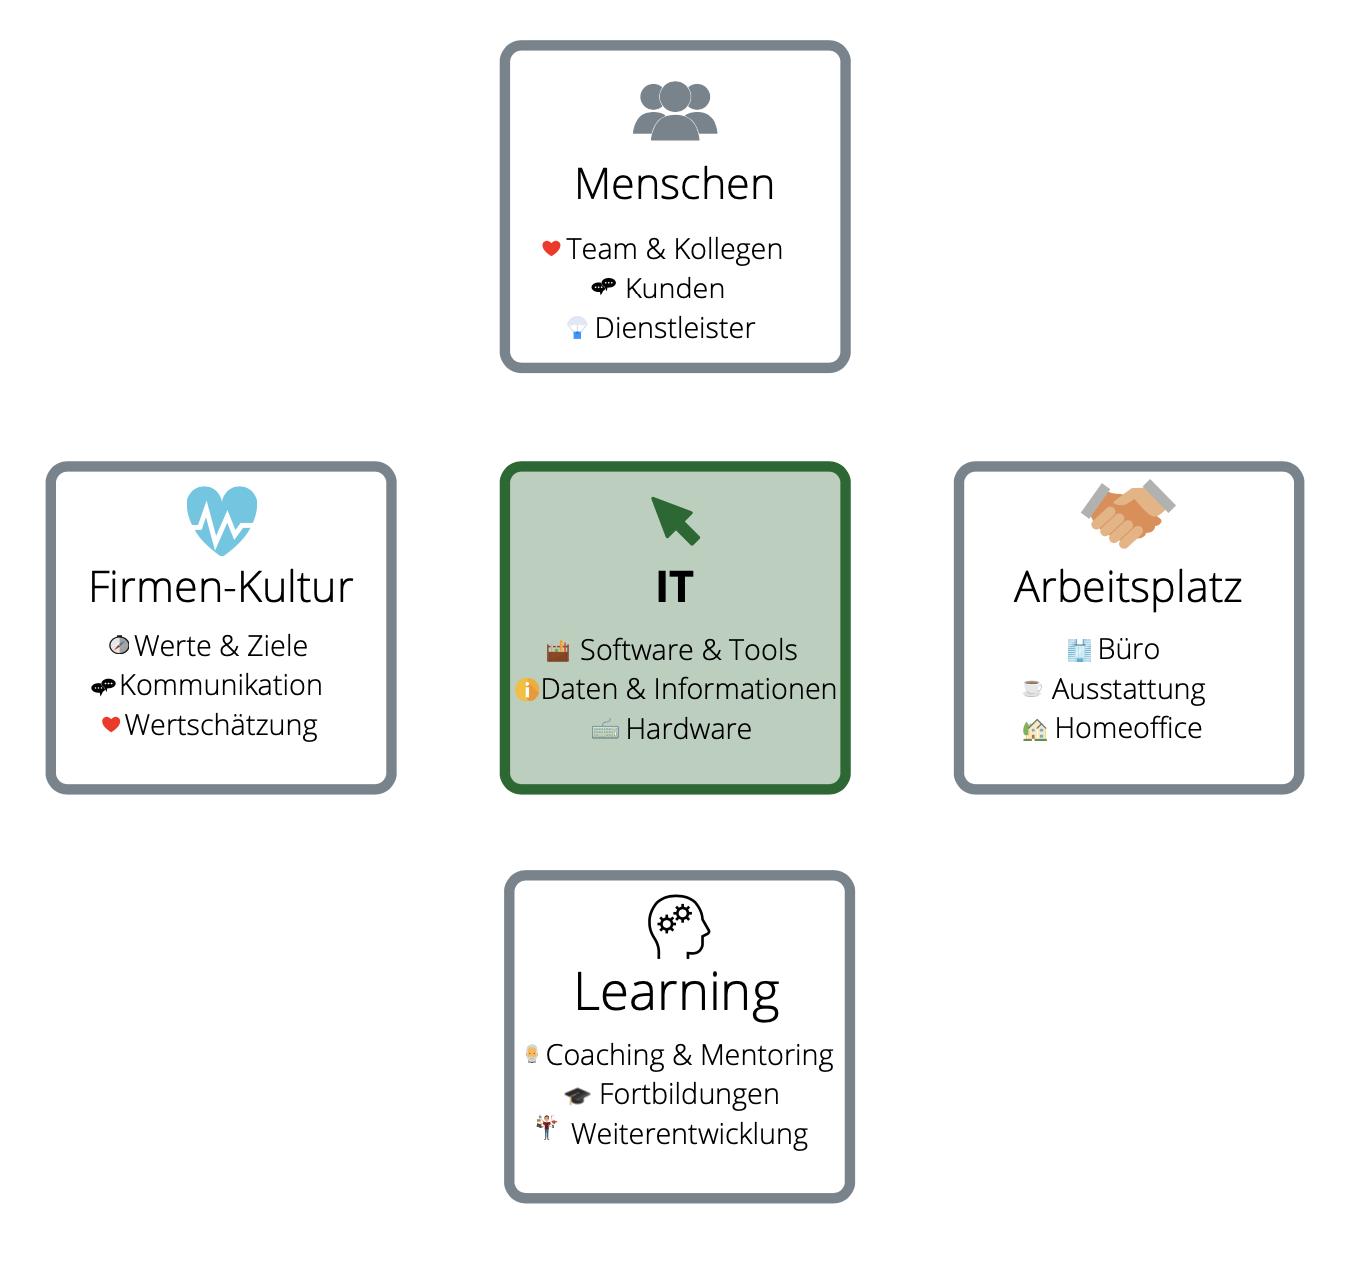 Grafik der 5 Bereiche der Employee Experience: Menschen, Firmen-Kultur, IT, Arbeitsplatz und Learning